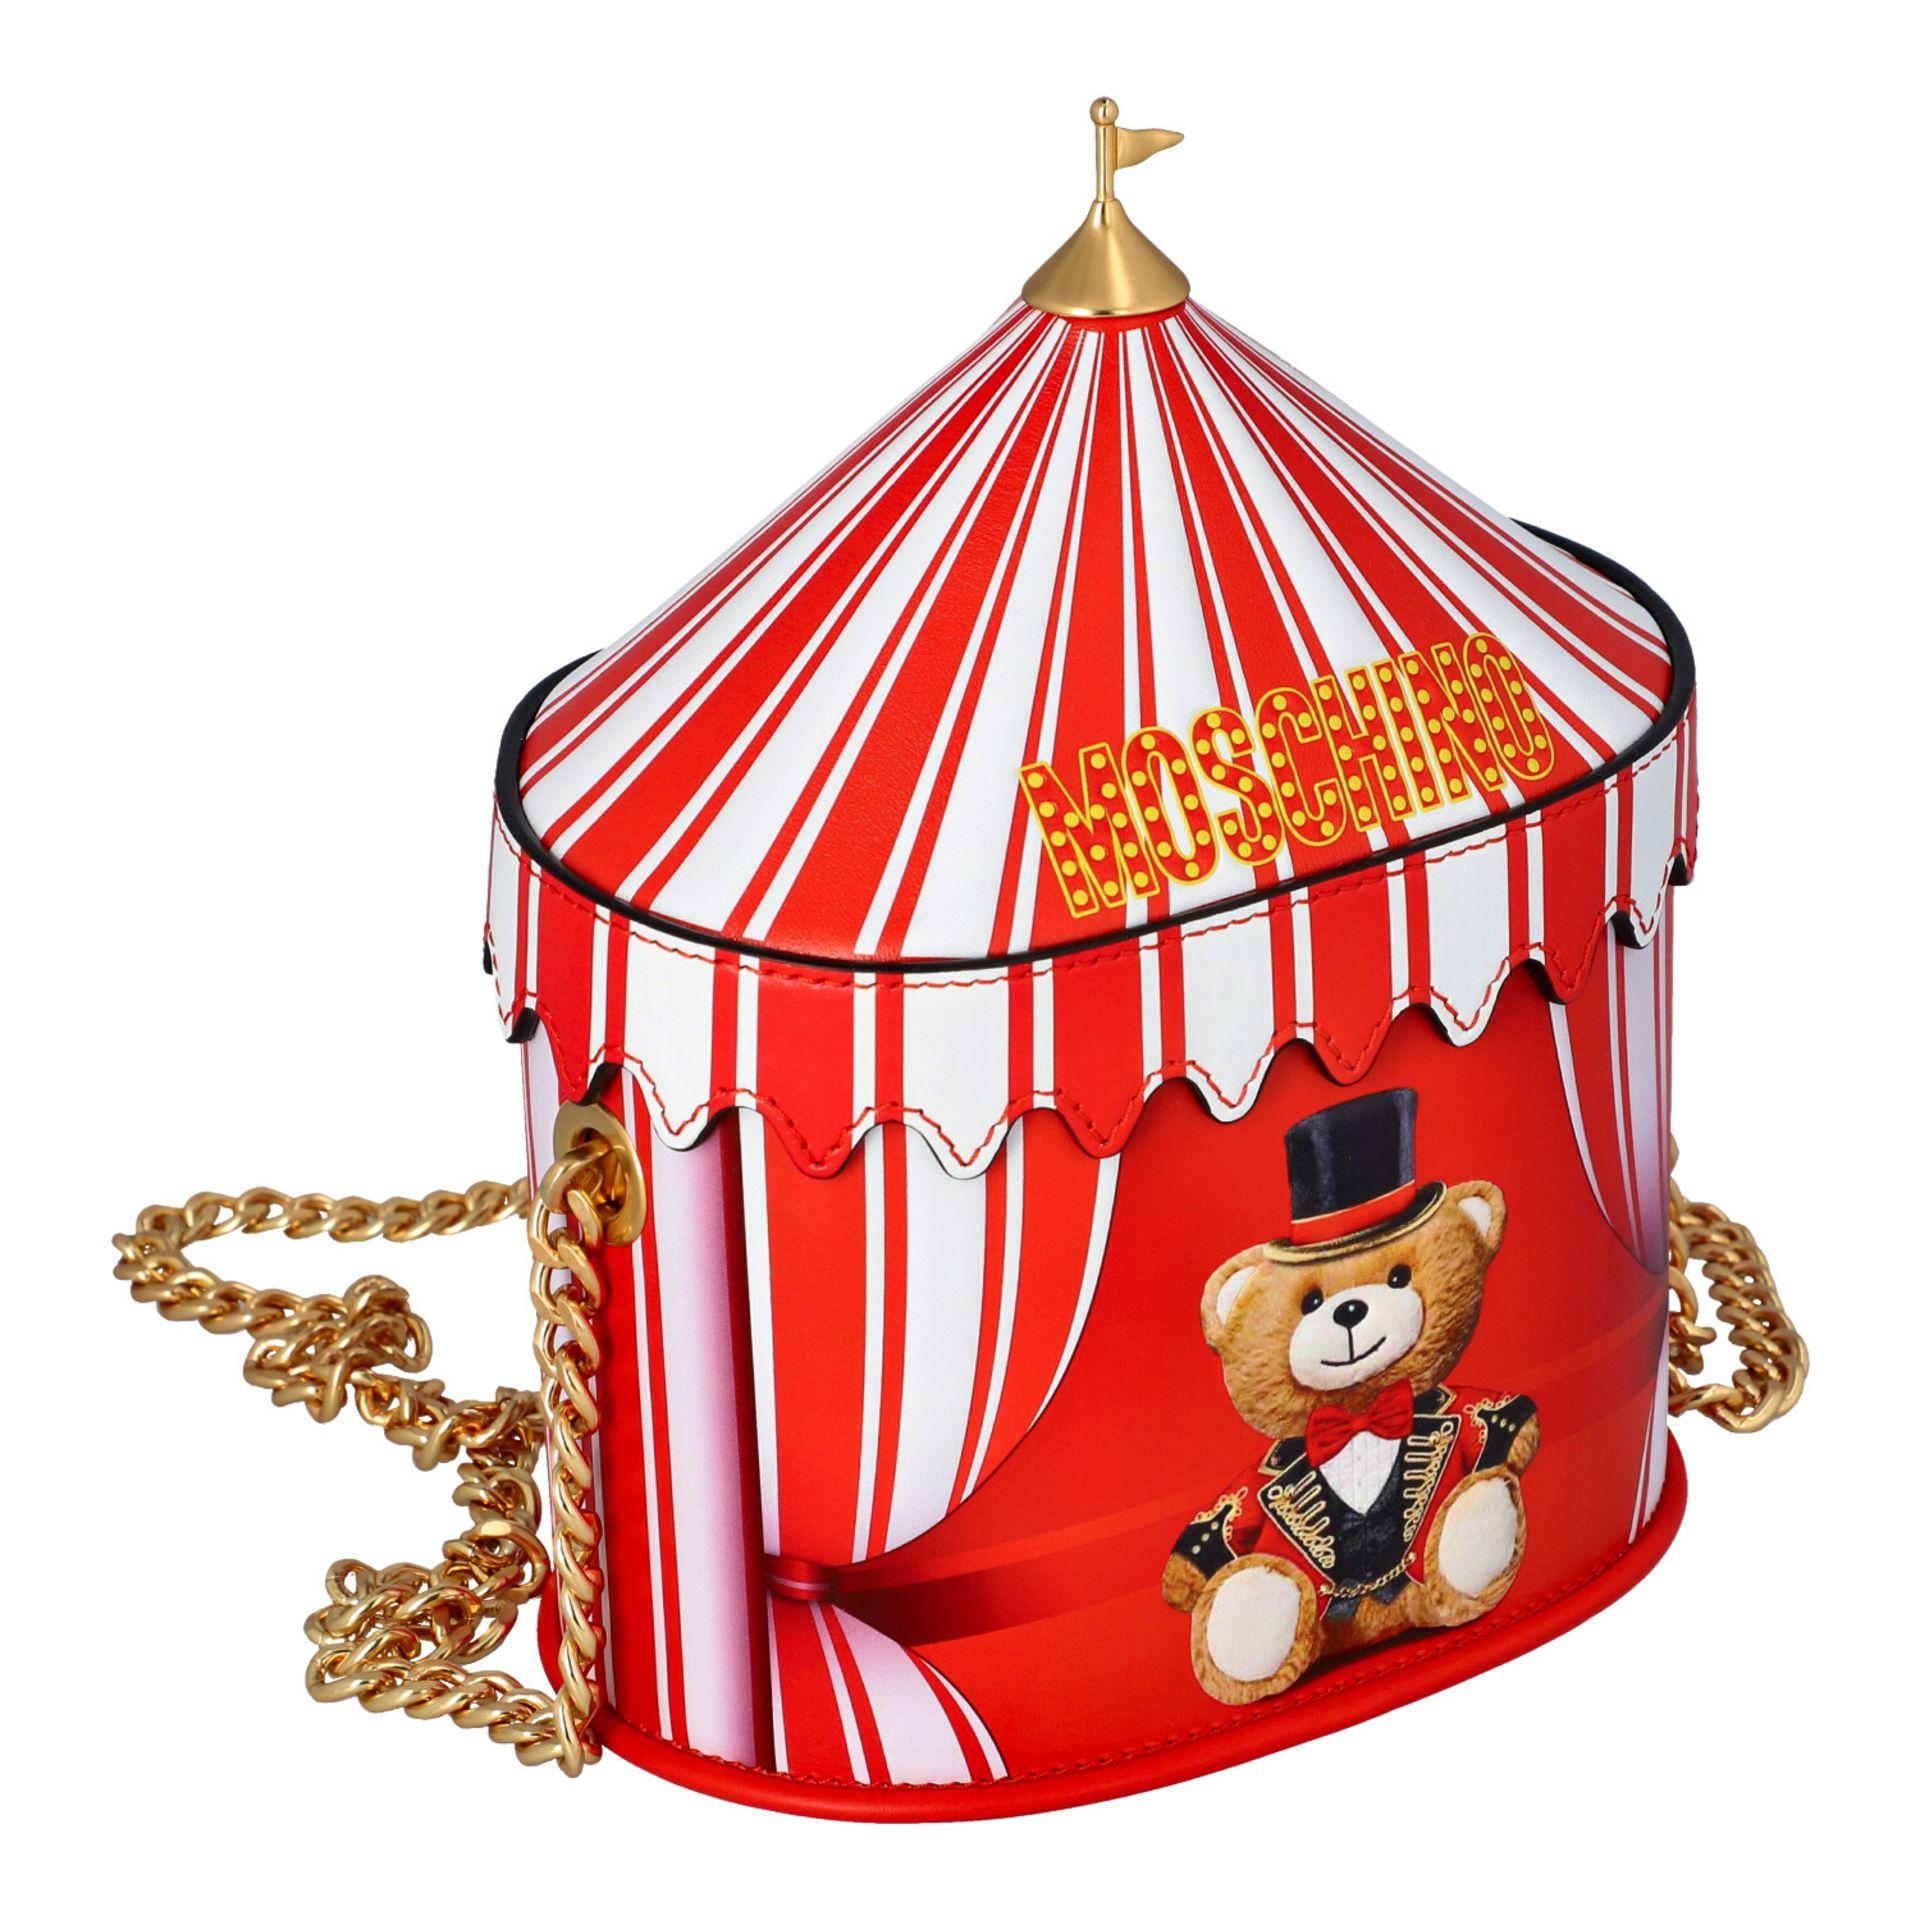 """MOSCHINO COUTURE Handtasche """"CIRCUS BAG"""", NP.: 1.100,-€. Kalbsleder in Zirkus-Zelt-D - Image 2 of 7"""